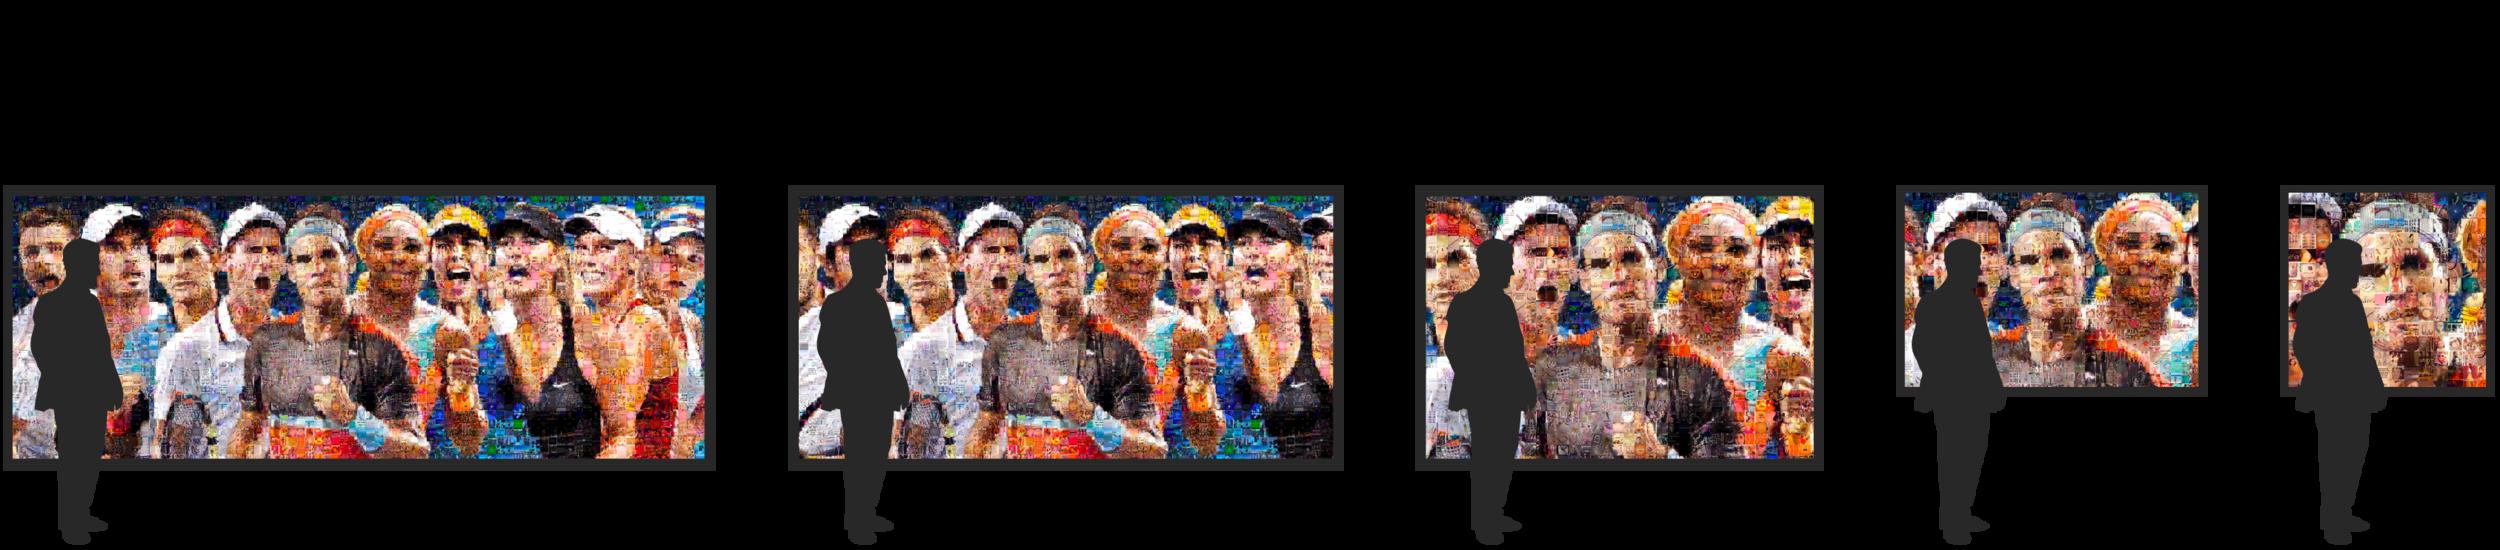 Hashtag Mosaic Size Options